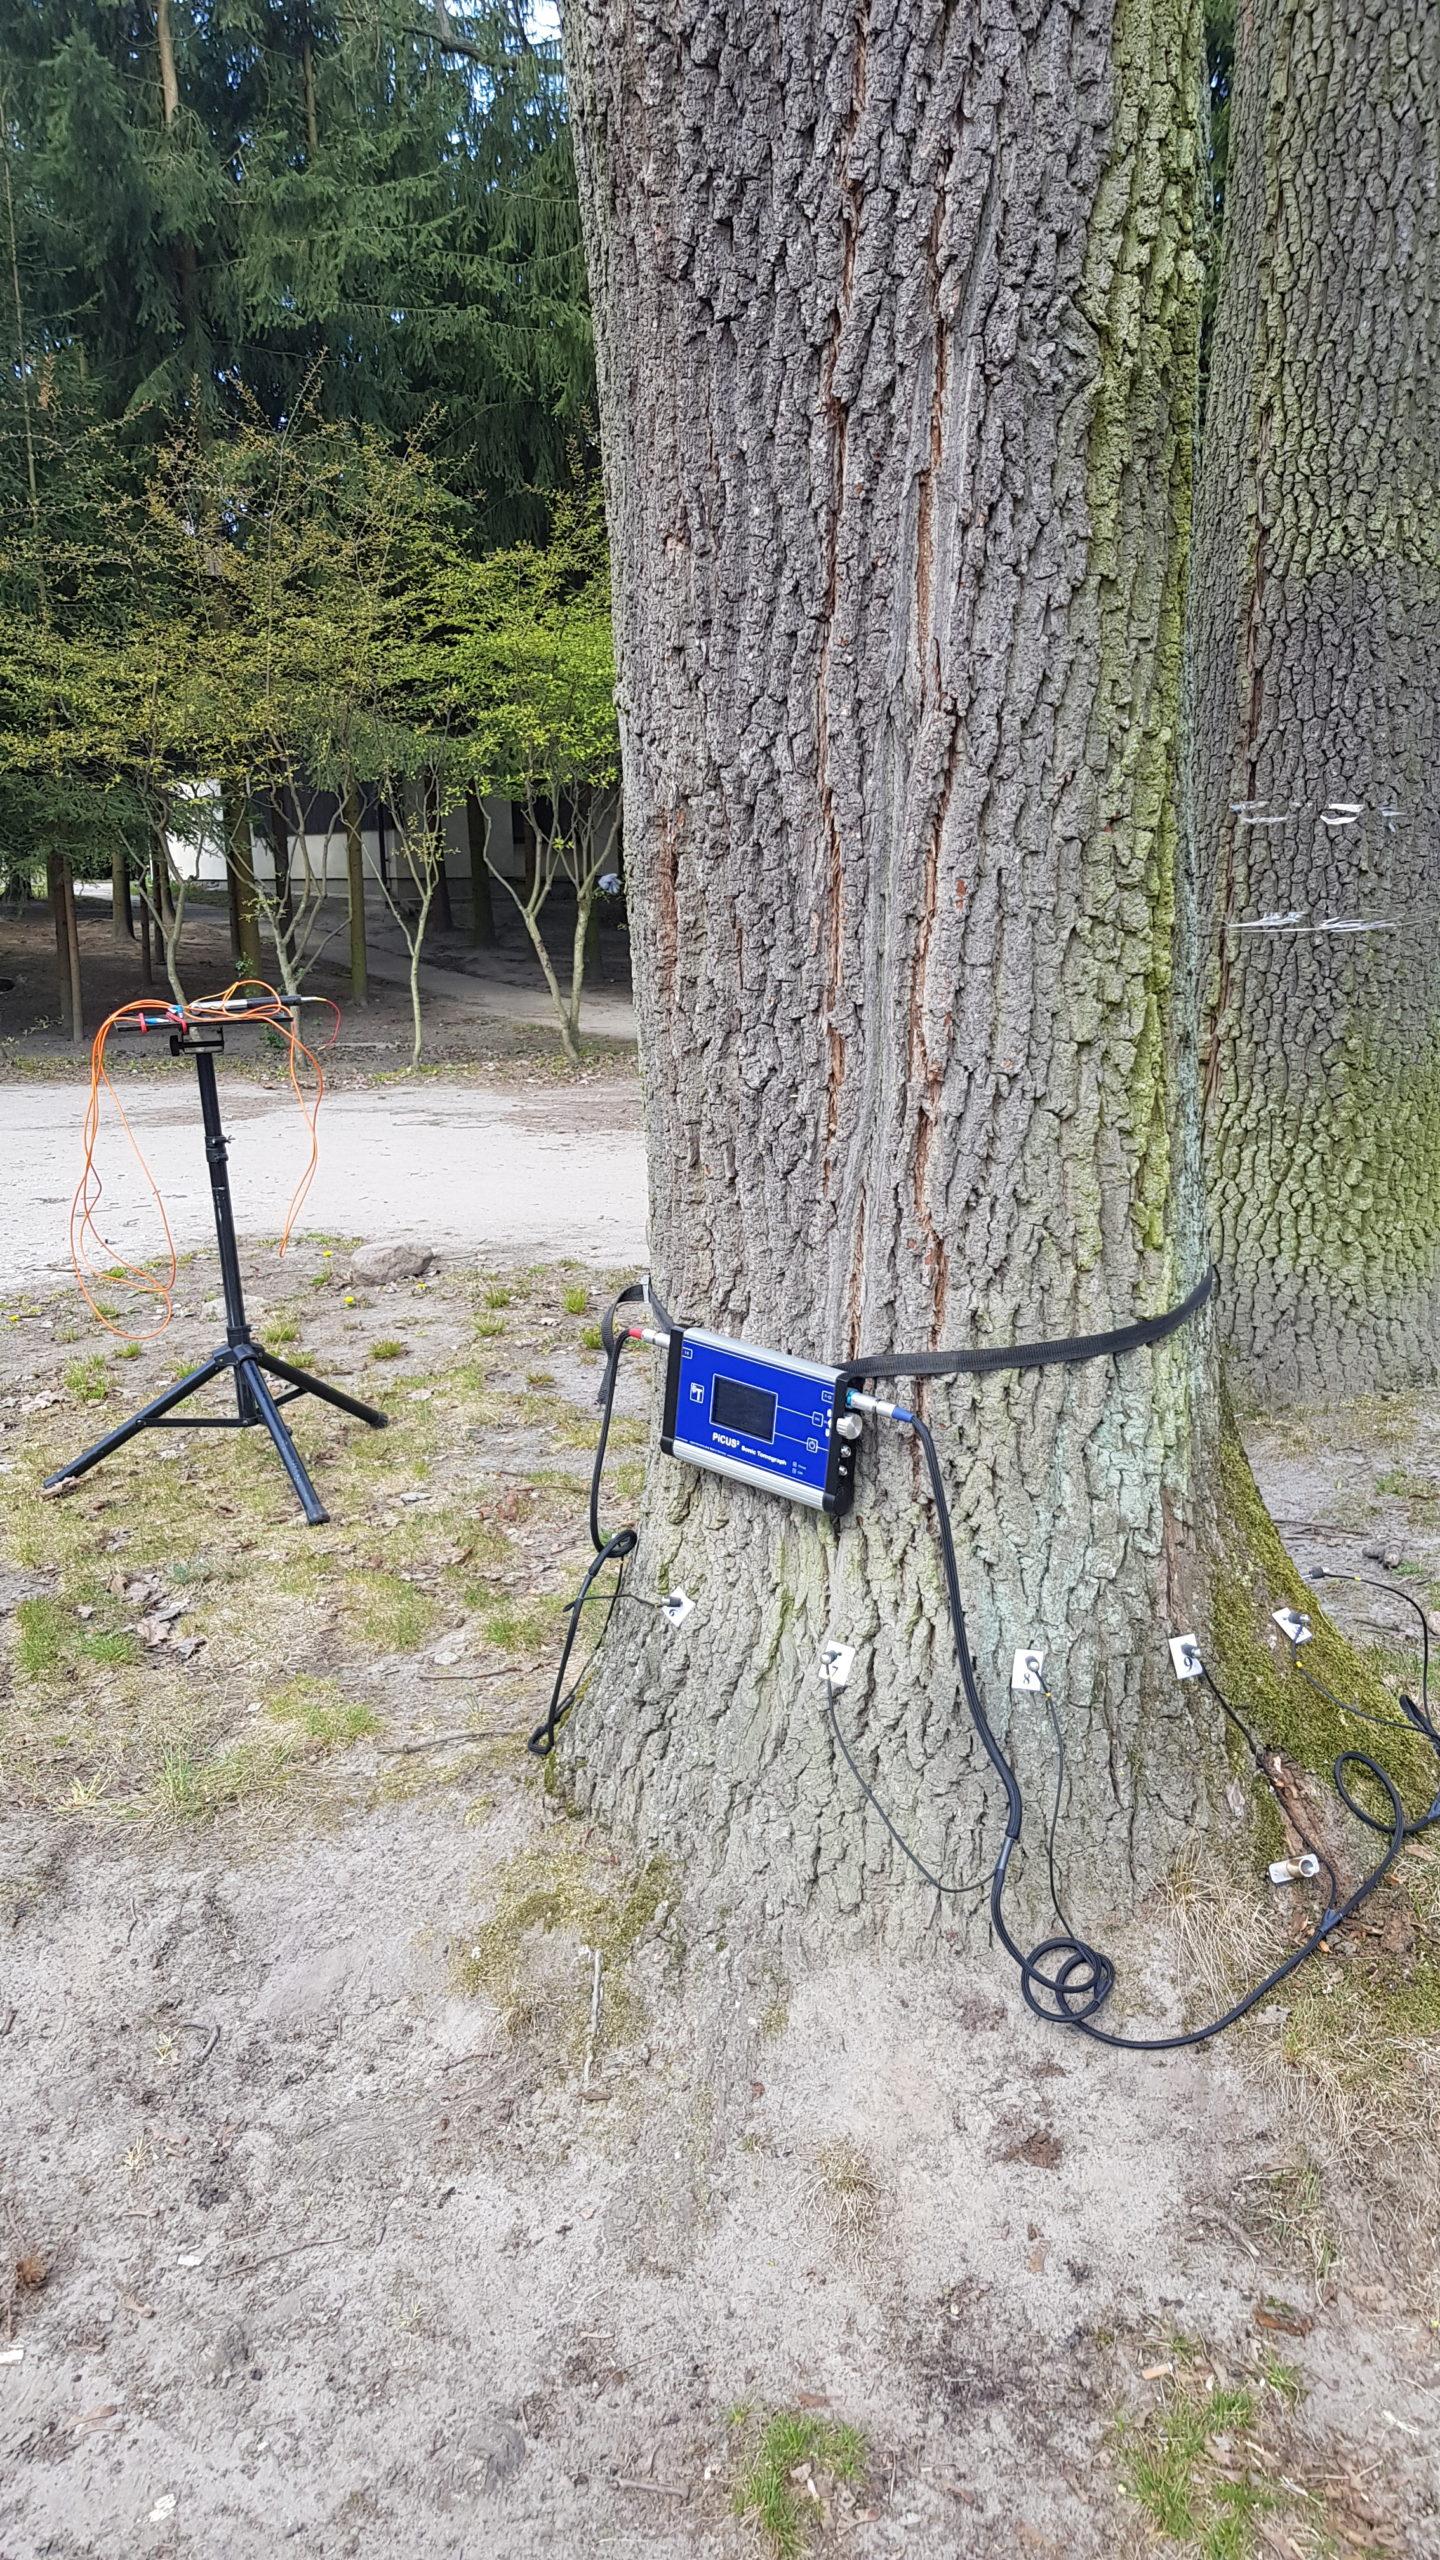 zdjęcie obrazujące sposób przeprowadzania tomografii drzewa